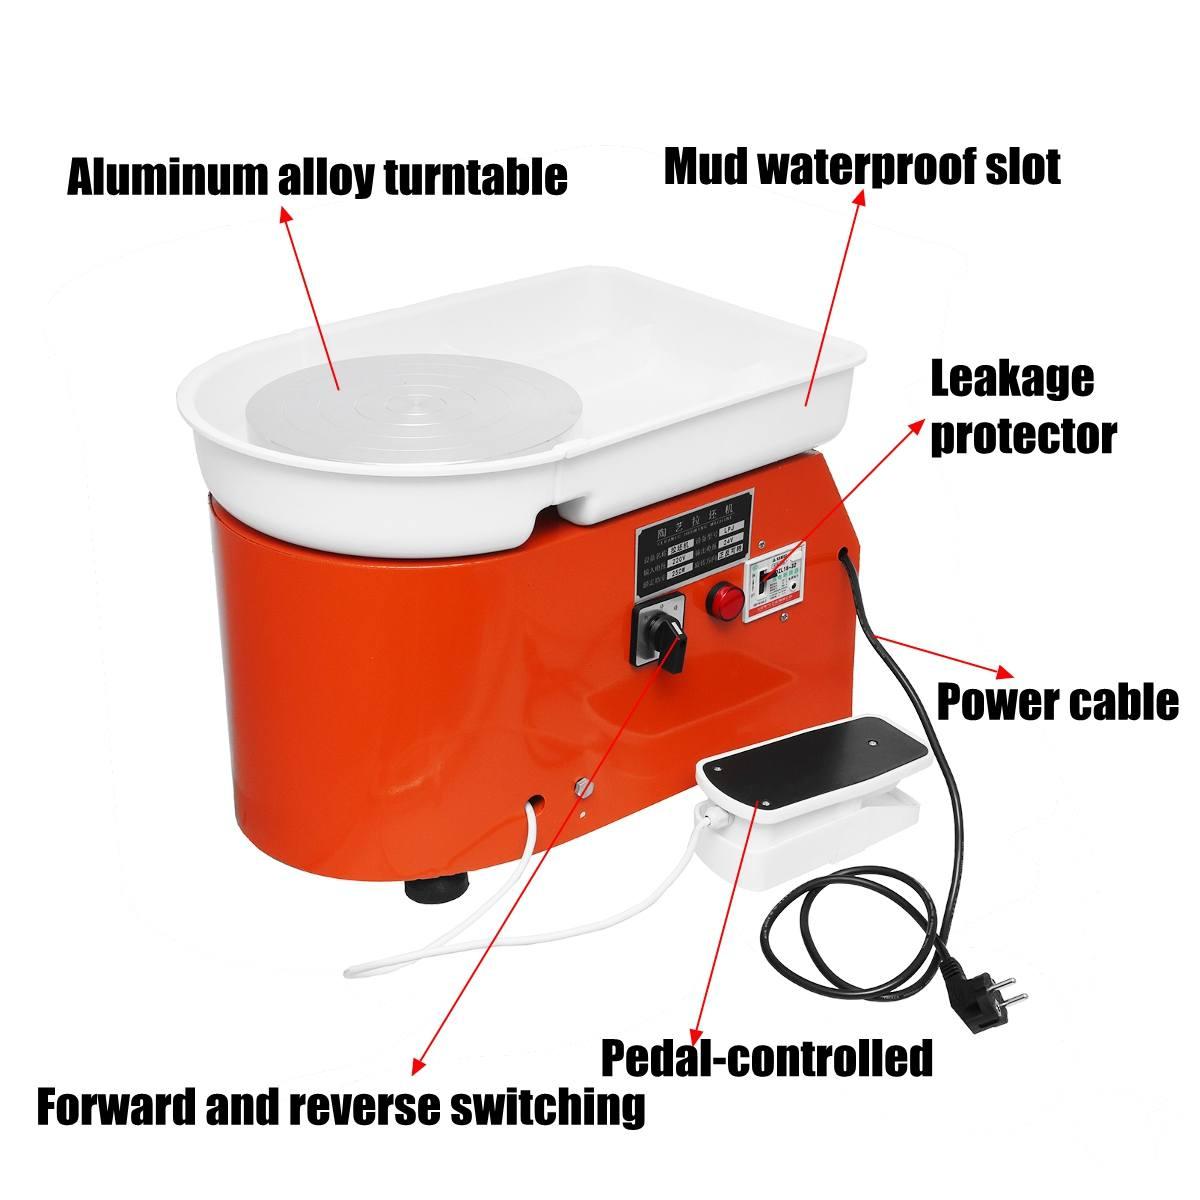 Tourne-disque 250 W/350 W Tours électriques roue poterie Machine céramique argile potier Art pour céramique travail céramique 110 V/220 V - 3